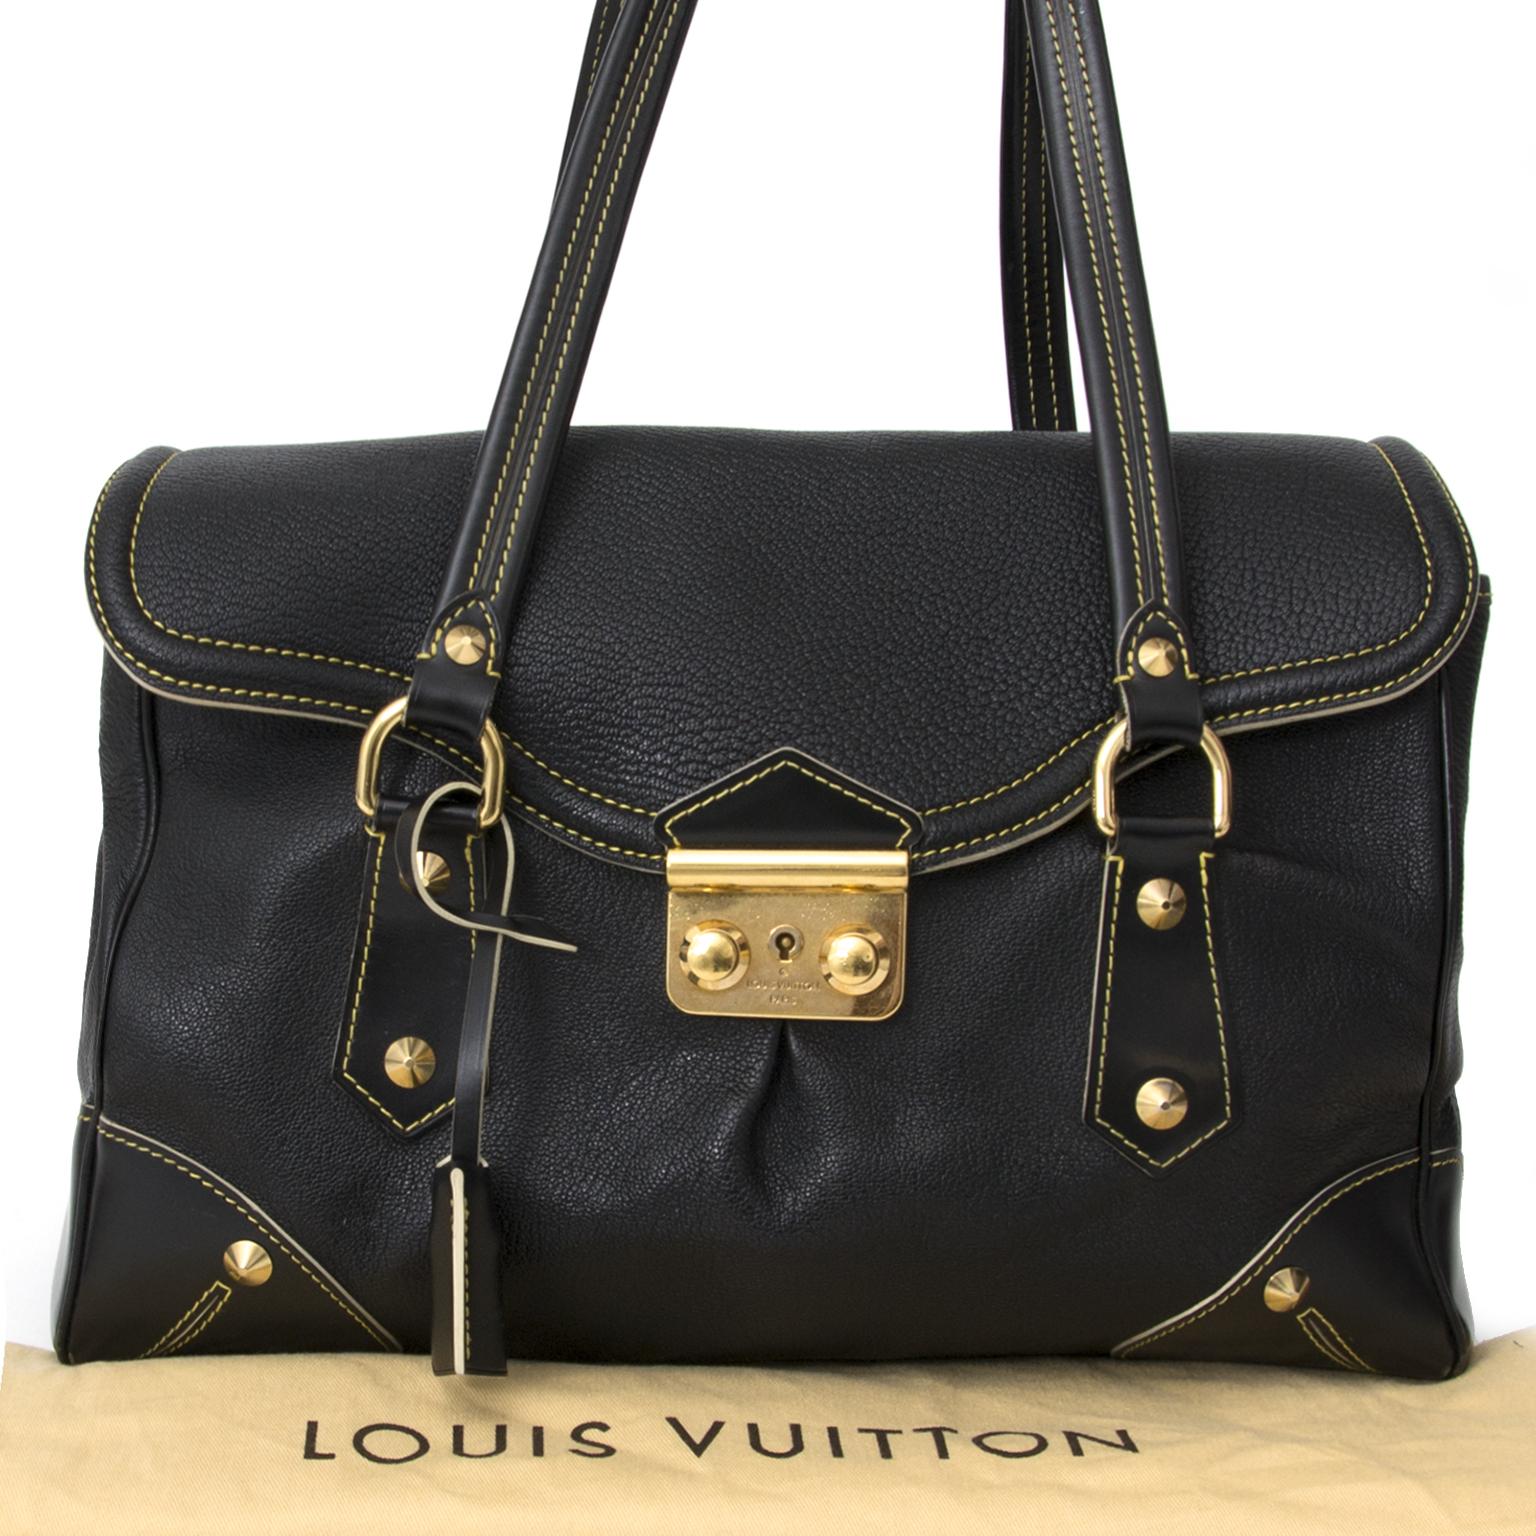 Authentieke Louis Vuitton L'Absolu voor de juiste prijs bij LabelLOV vintage webshop. Veilig online winkelen. Luxe, vintage, mode. Antwerpen, België.